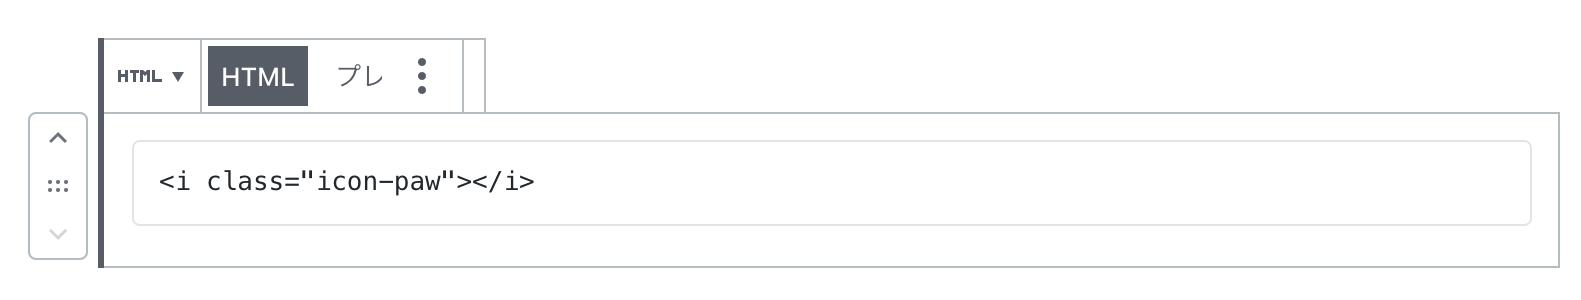 カスタムHTMLブロックを使ったアイコンの表示